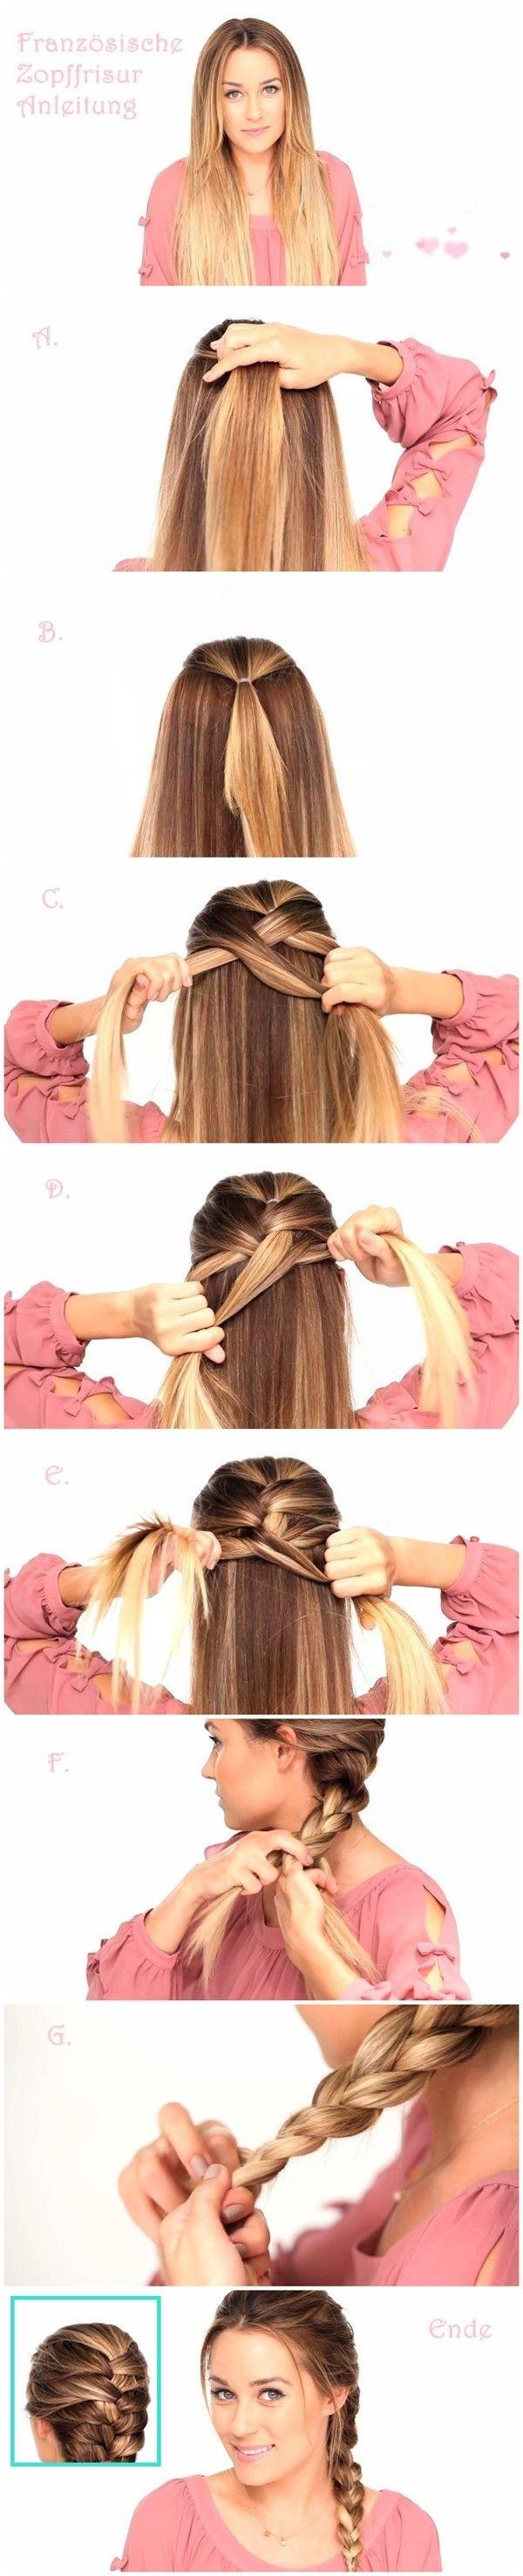 Tutoriels de coiffures tressées faciles: Coiffure à la mode pour cheveux longs et raides